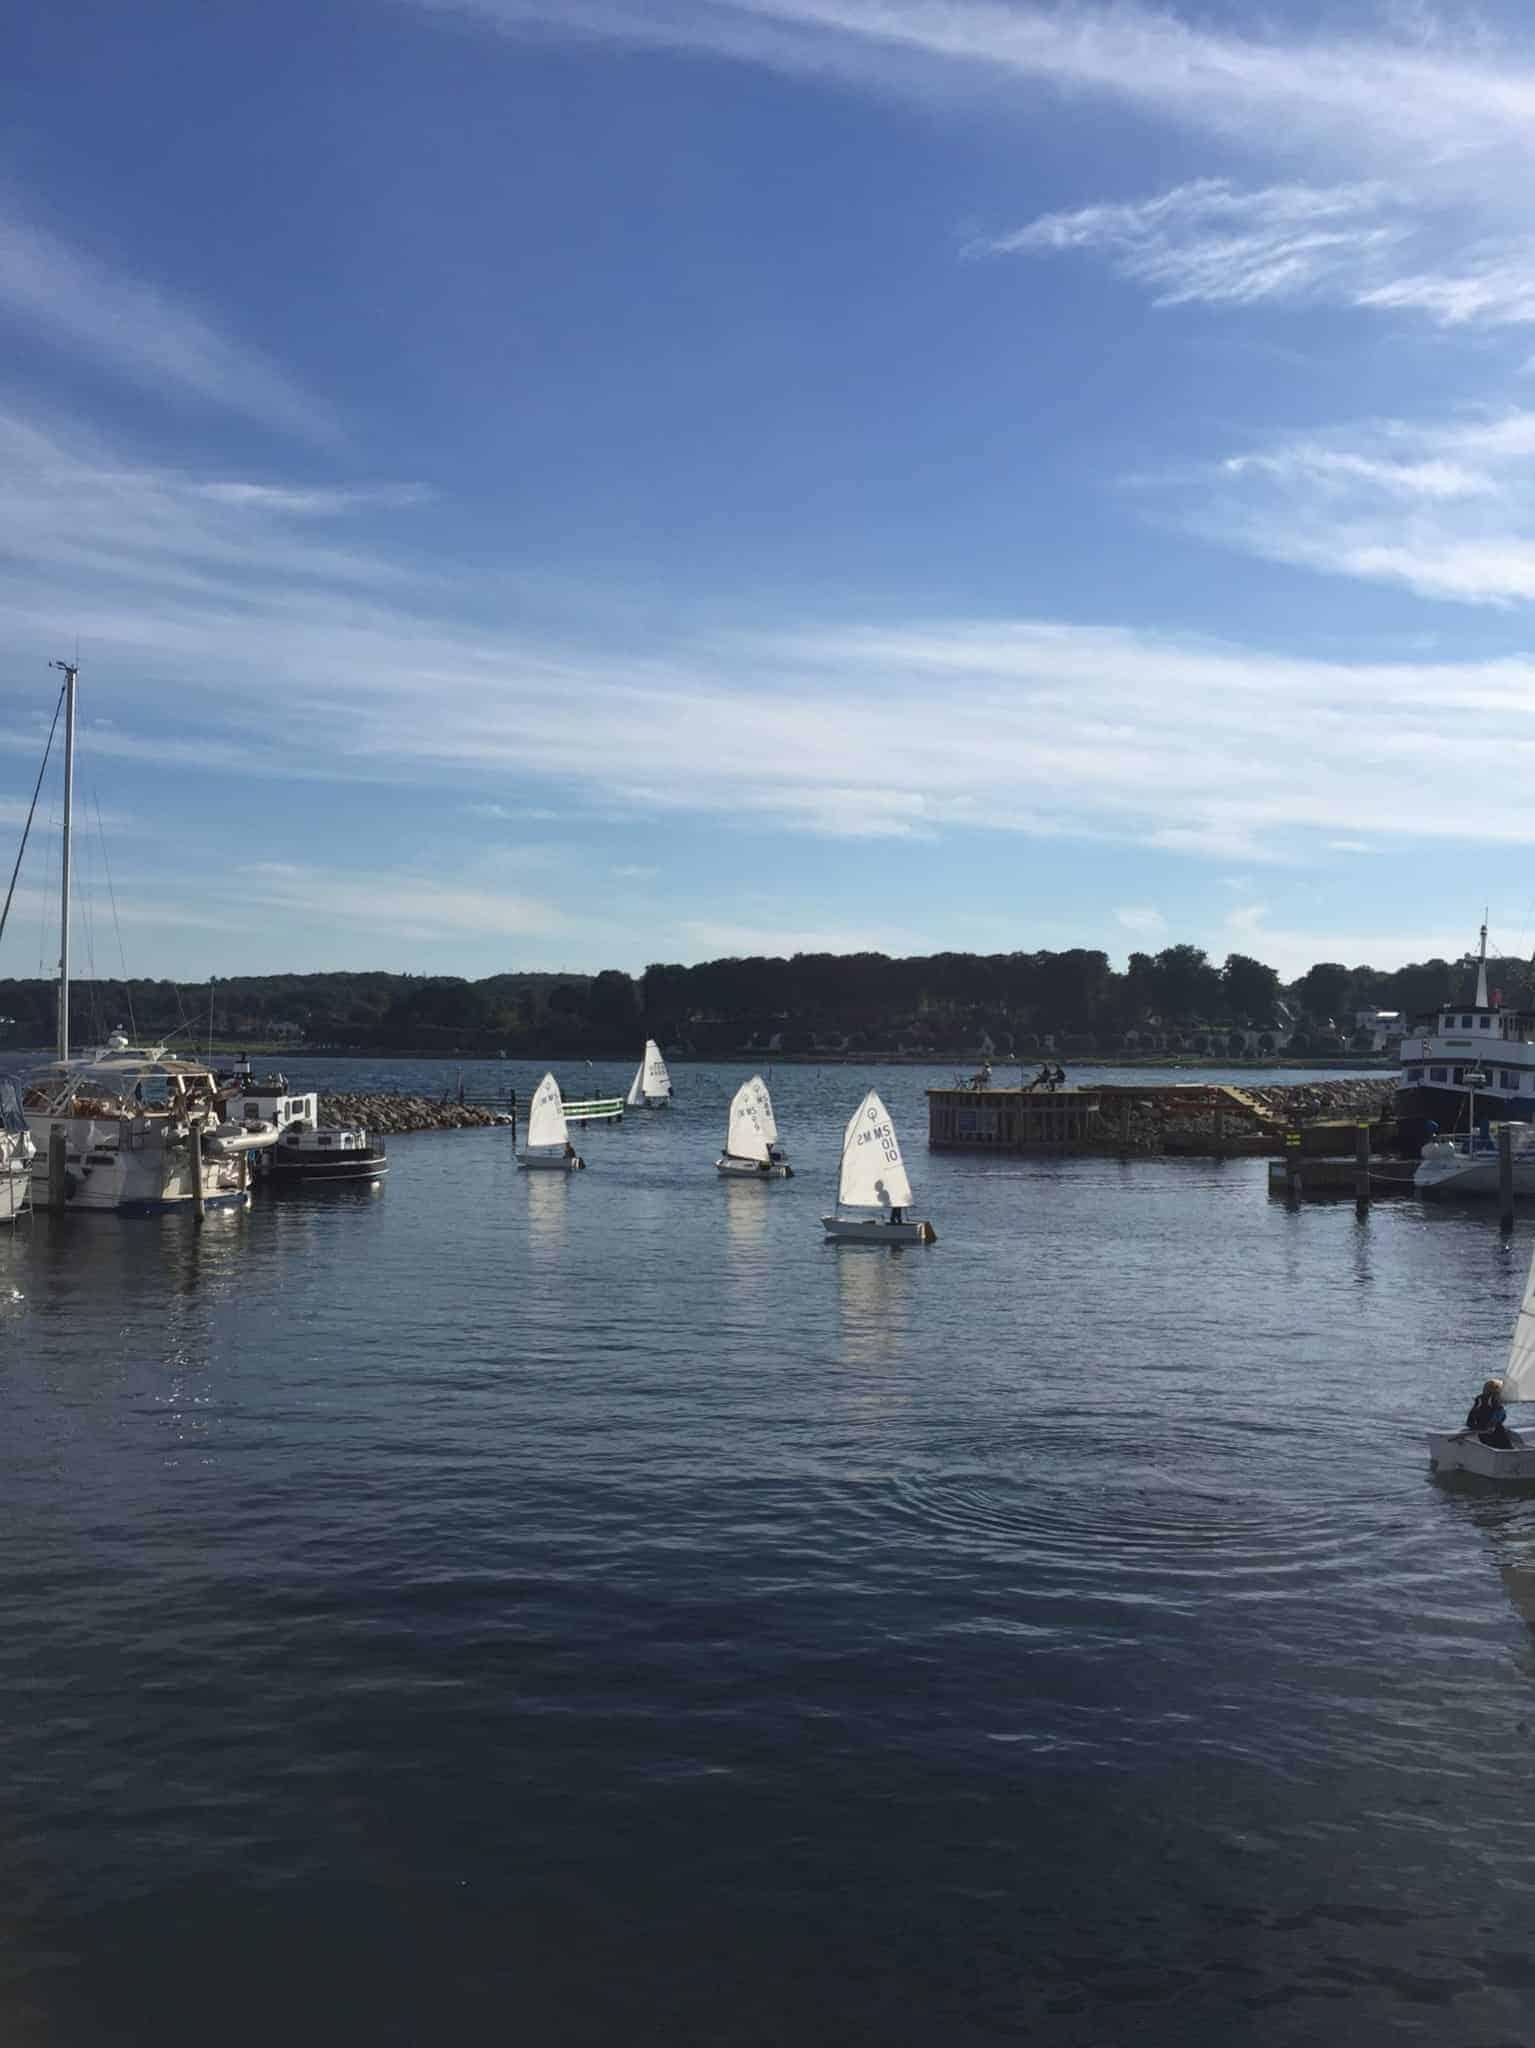 Torsdagsliv i Marselisborg Havn…